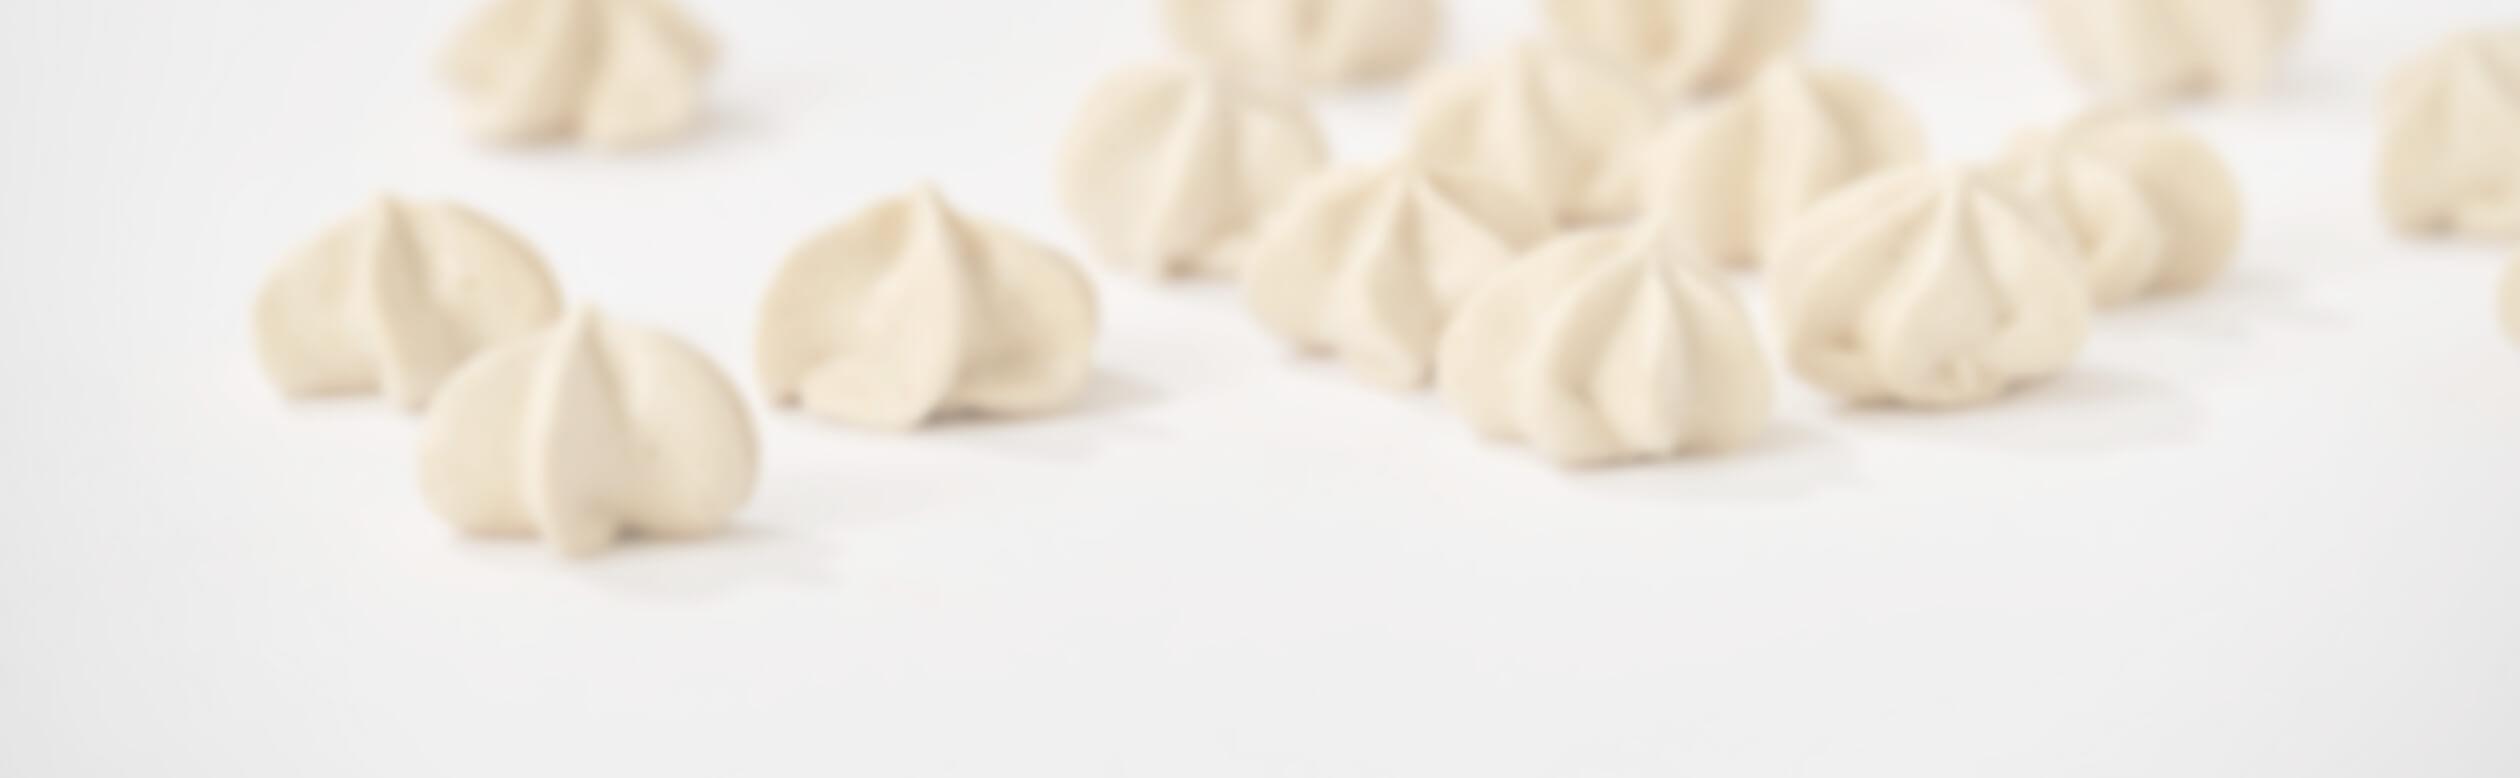 シナモンのお菓子